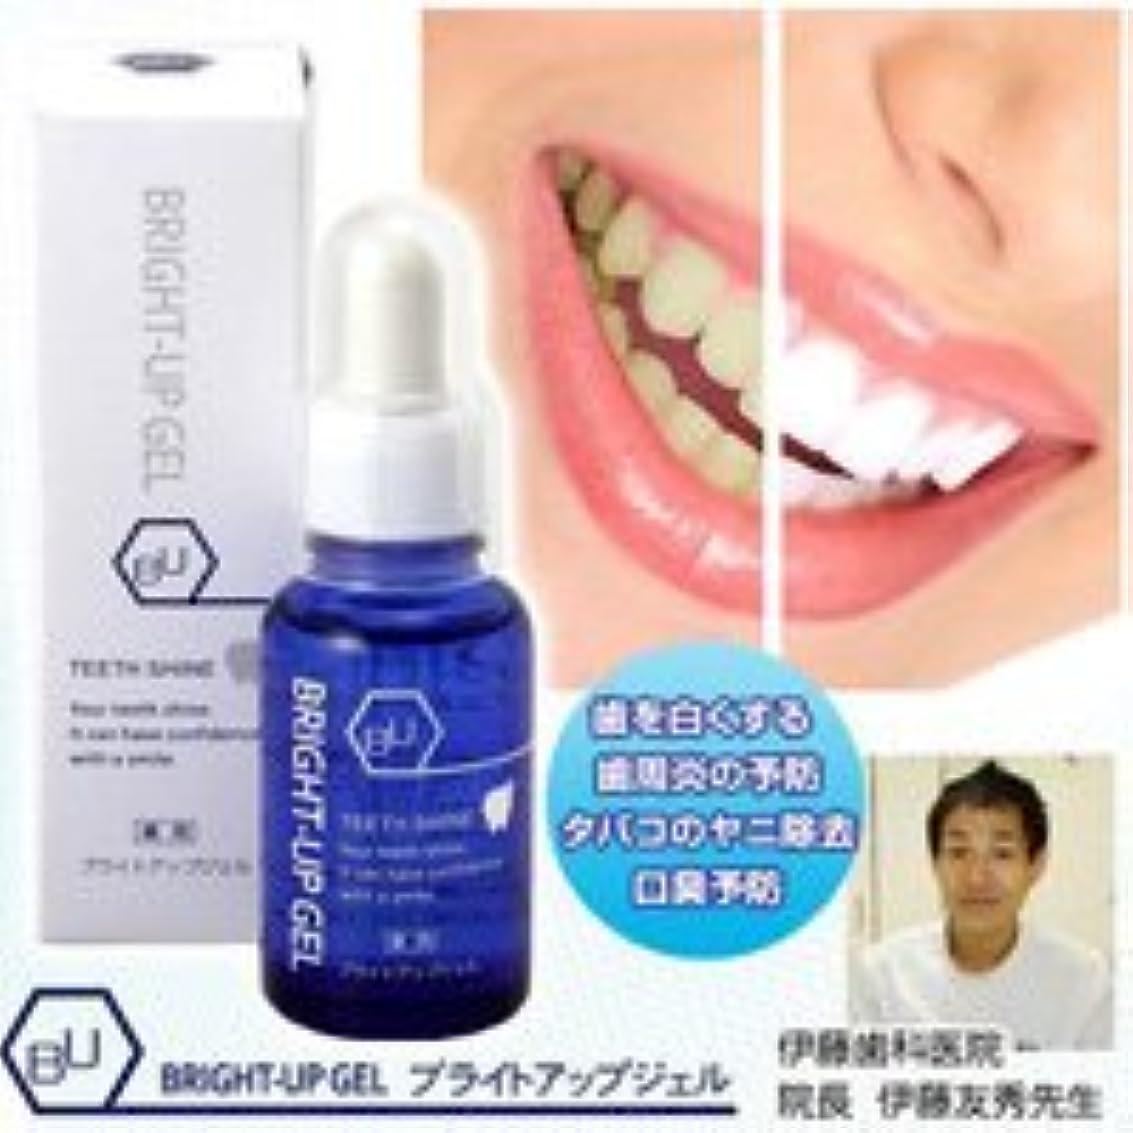 別れるショップペルセウス薬用ブライトアップジェル☆歯科医監修の4つの医薬部外品含有のホワイトニングジェル